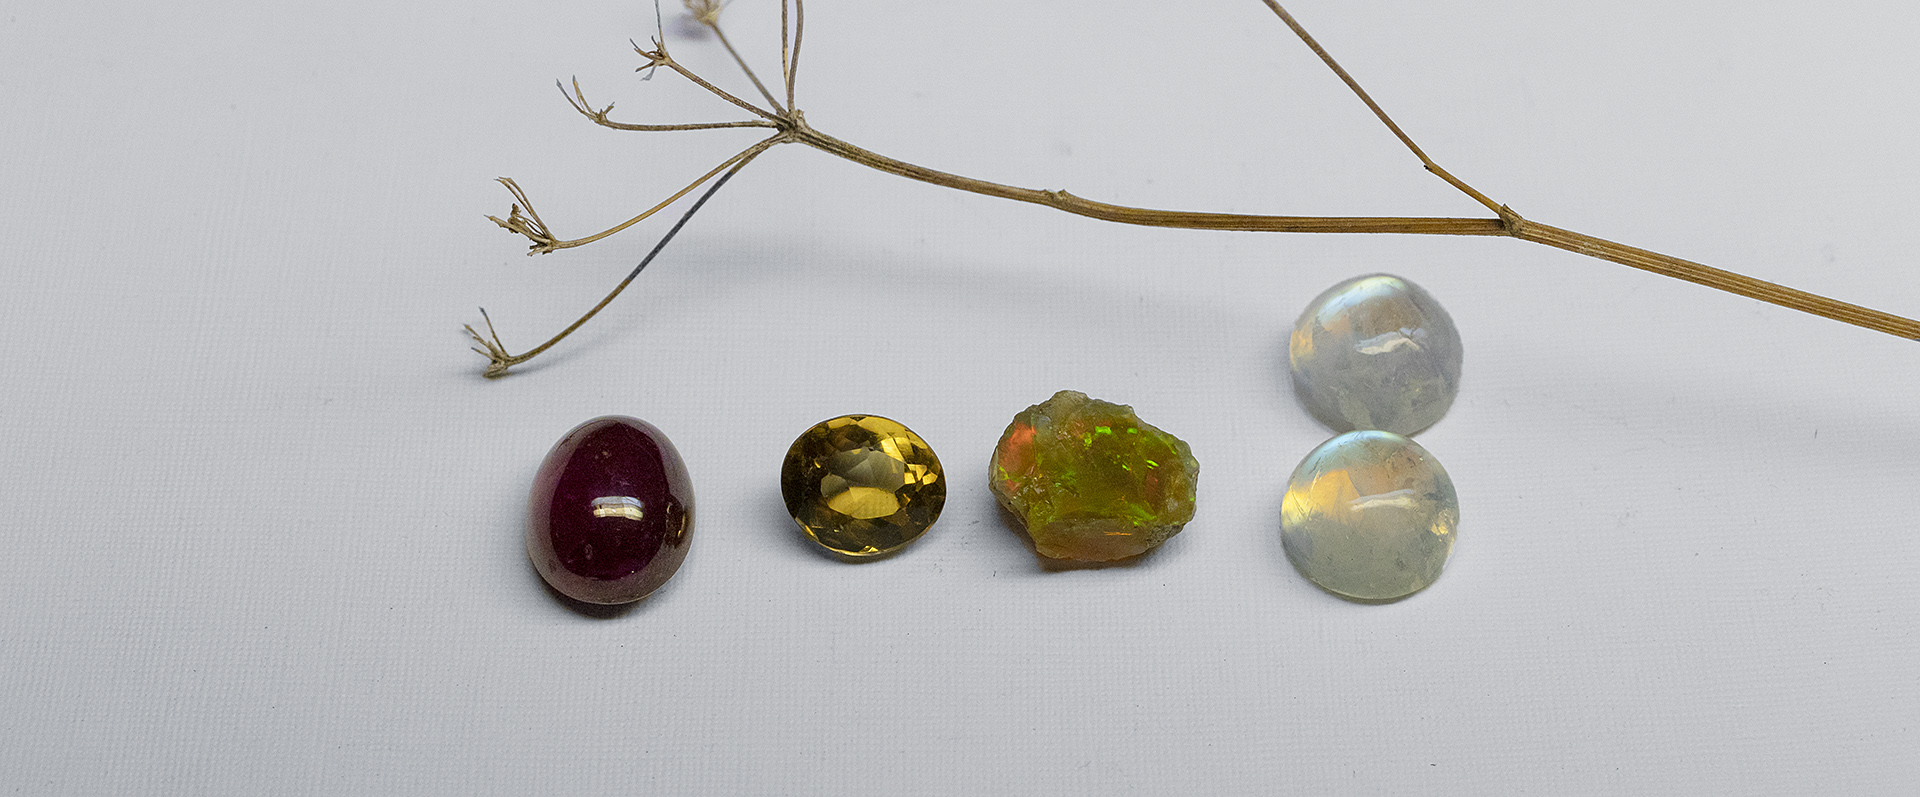 Способы облагораживания камней